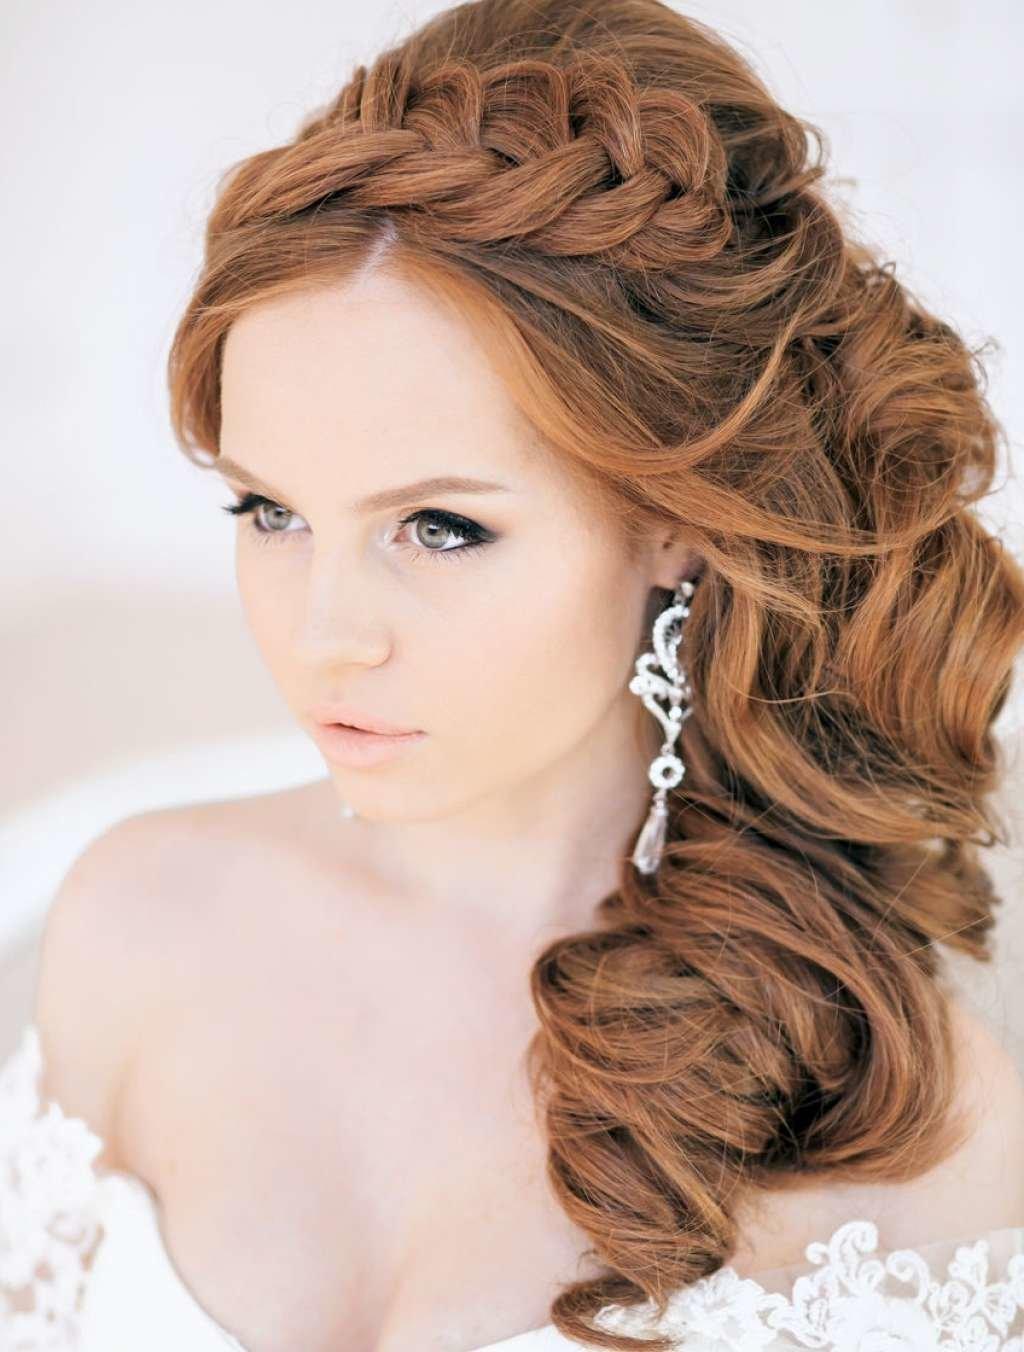 Прически локоны на длинные волосы с цветами в волосах фото